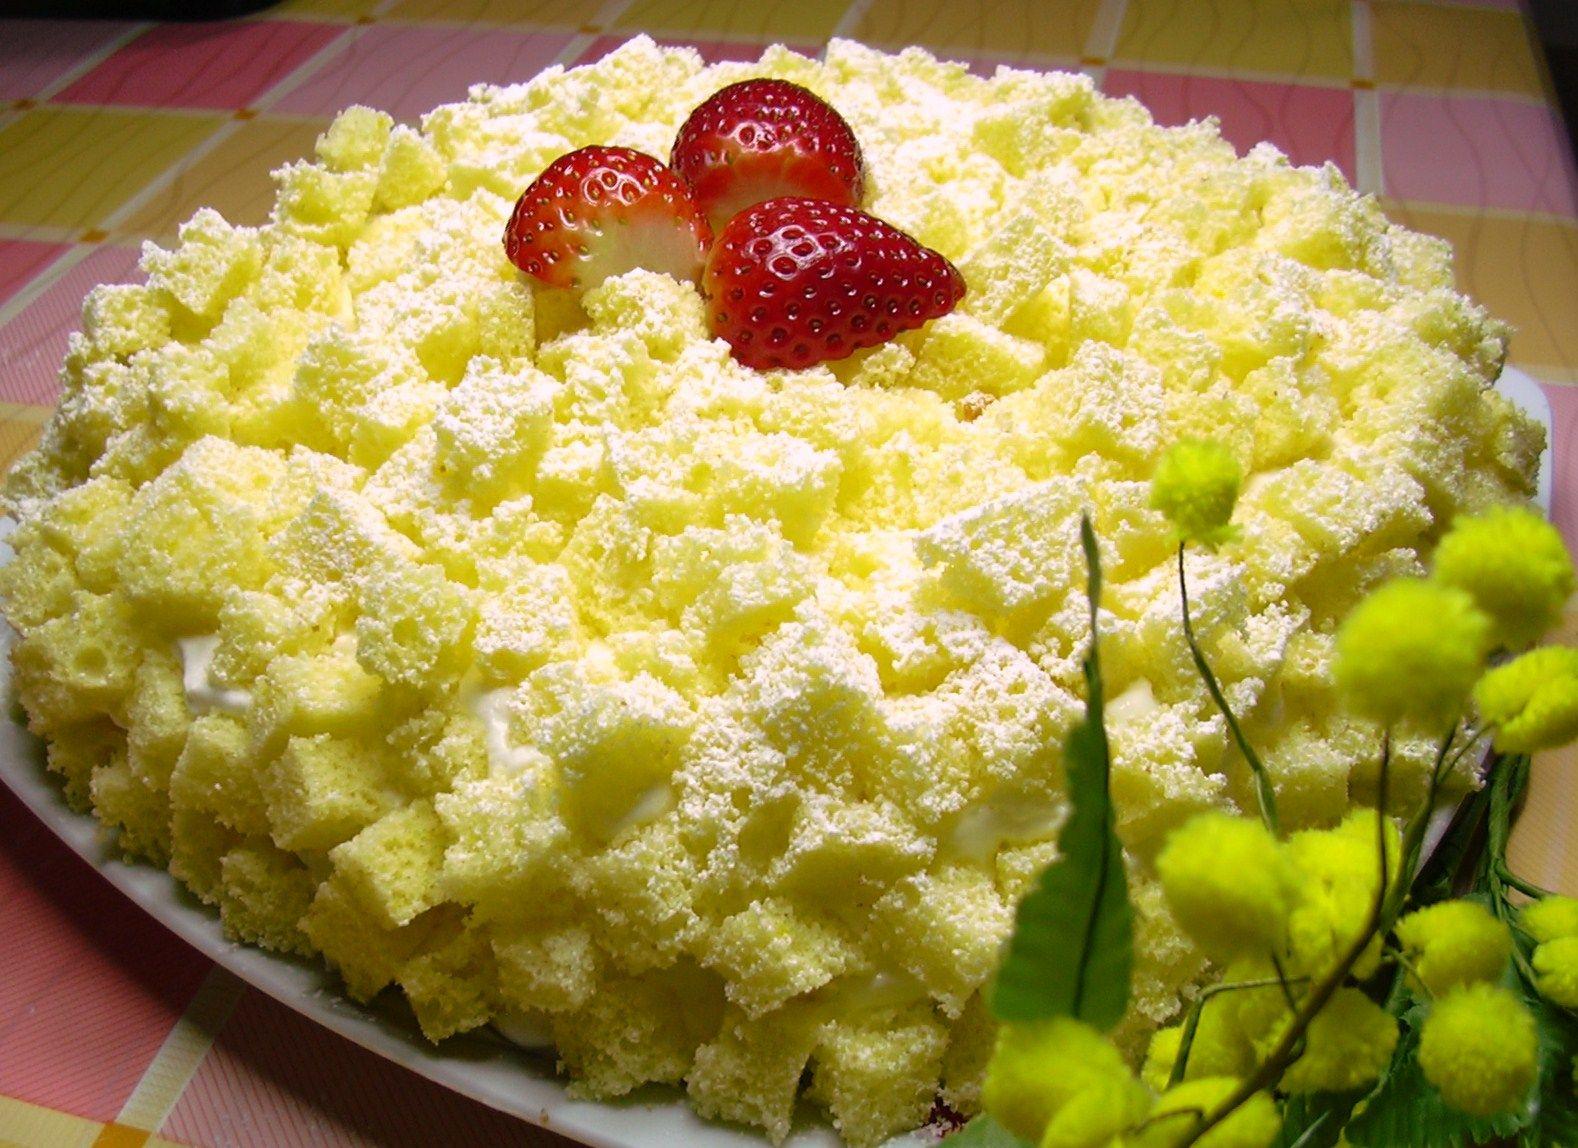 прочтения полезных торт мимоза рецепт с фото пошагово витязь